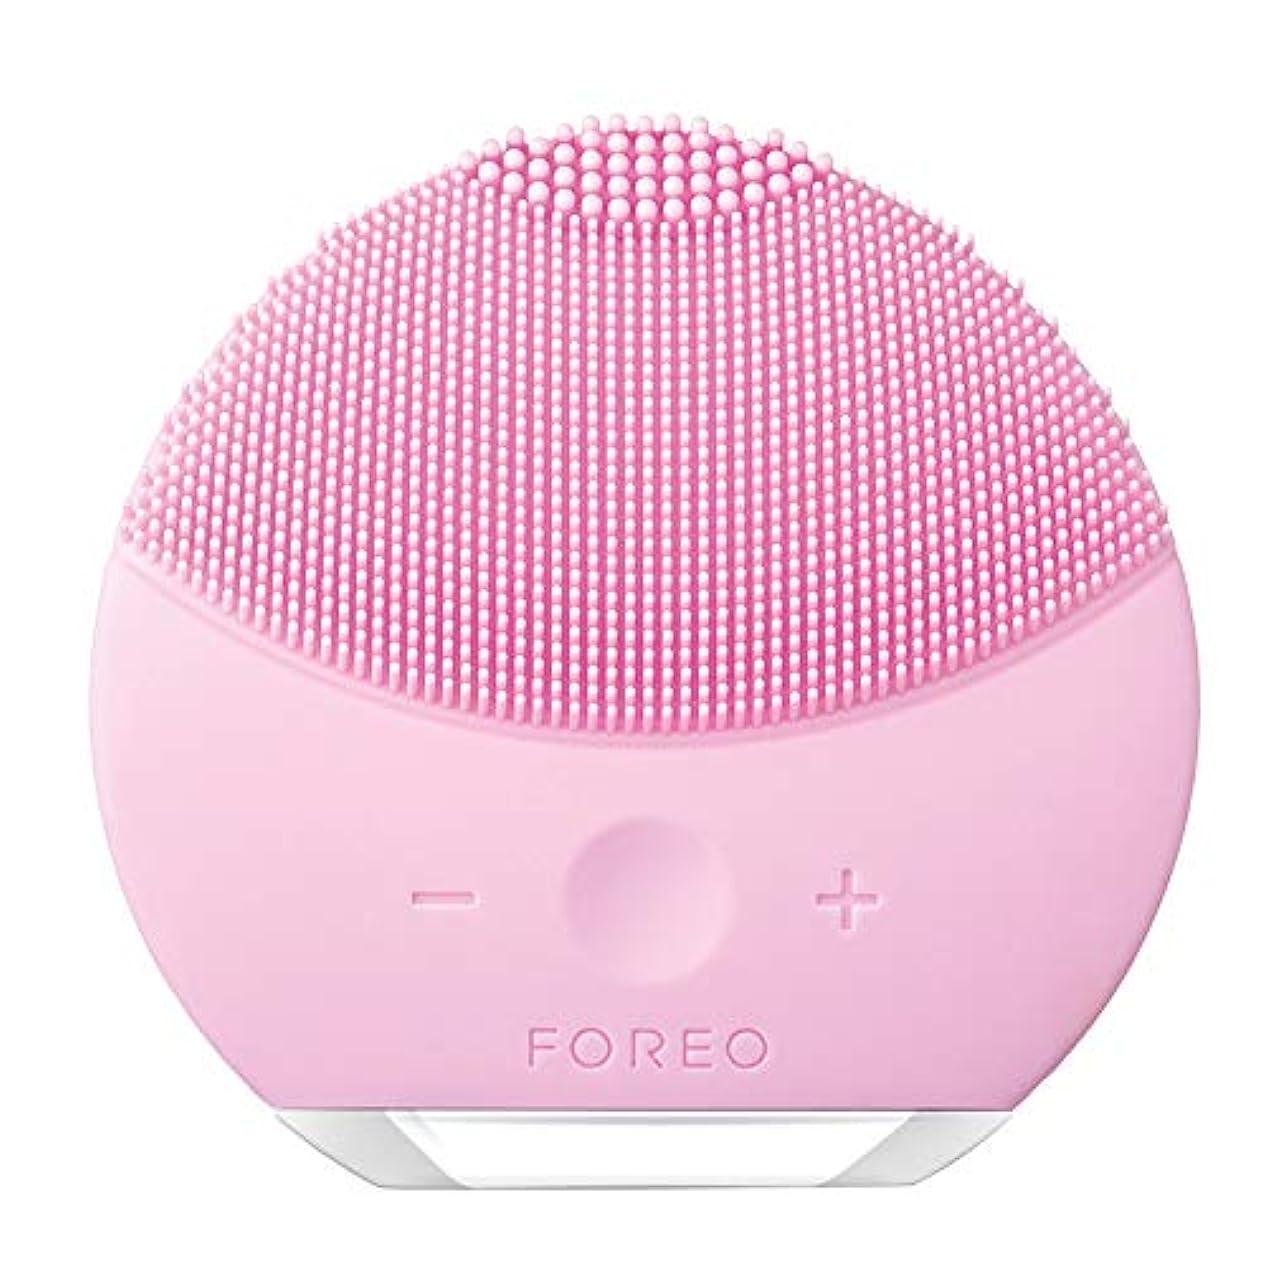 シャッフル酸っぱいきしむFOREO LUNA mini 2 パールピンク 電動洗顔ブラシ シリコーン製 音波振動